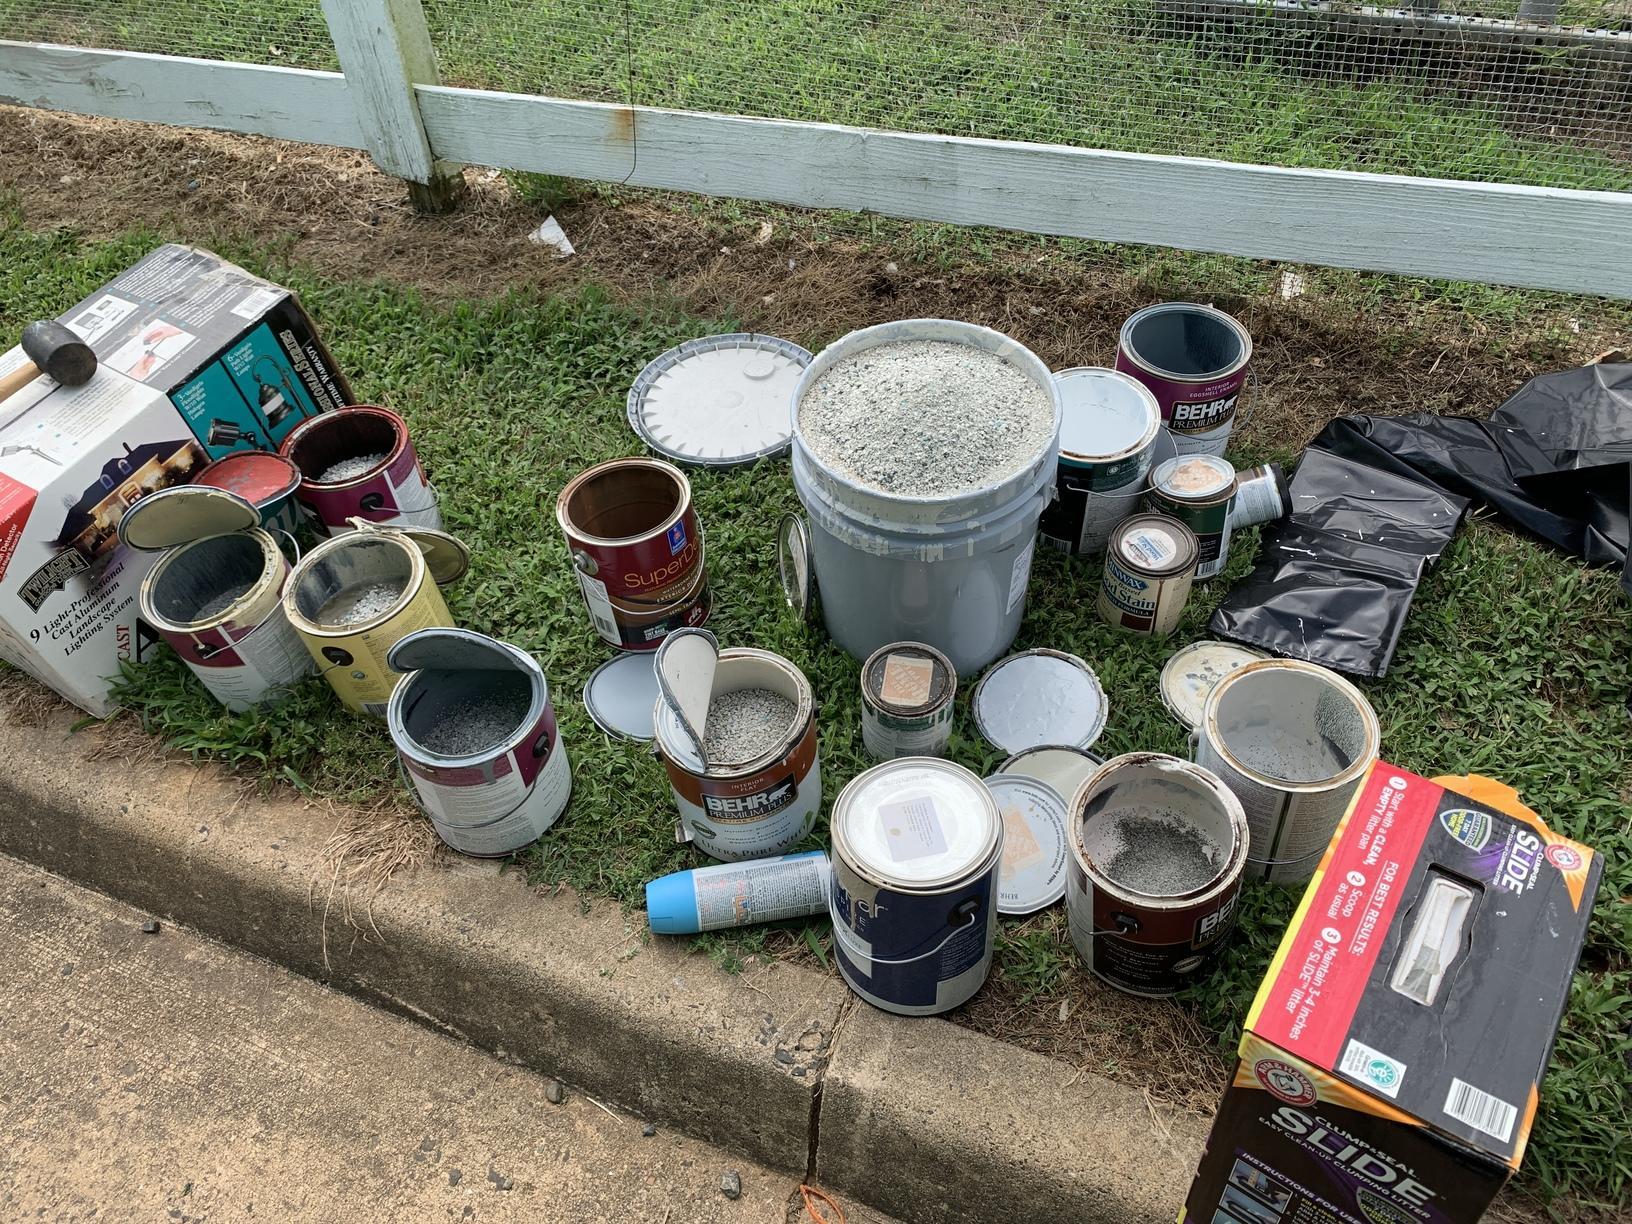 Proper Disposal of Paint in Warrenton, VA